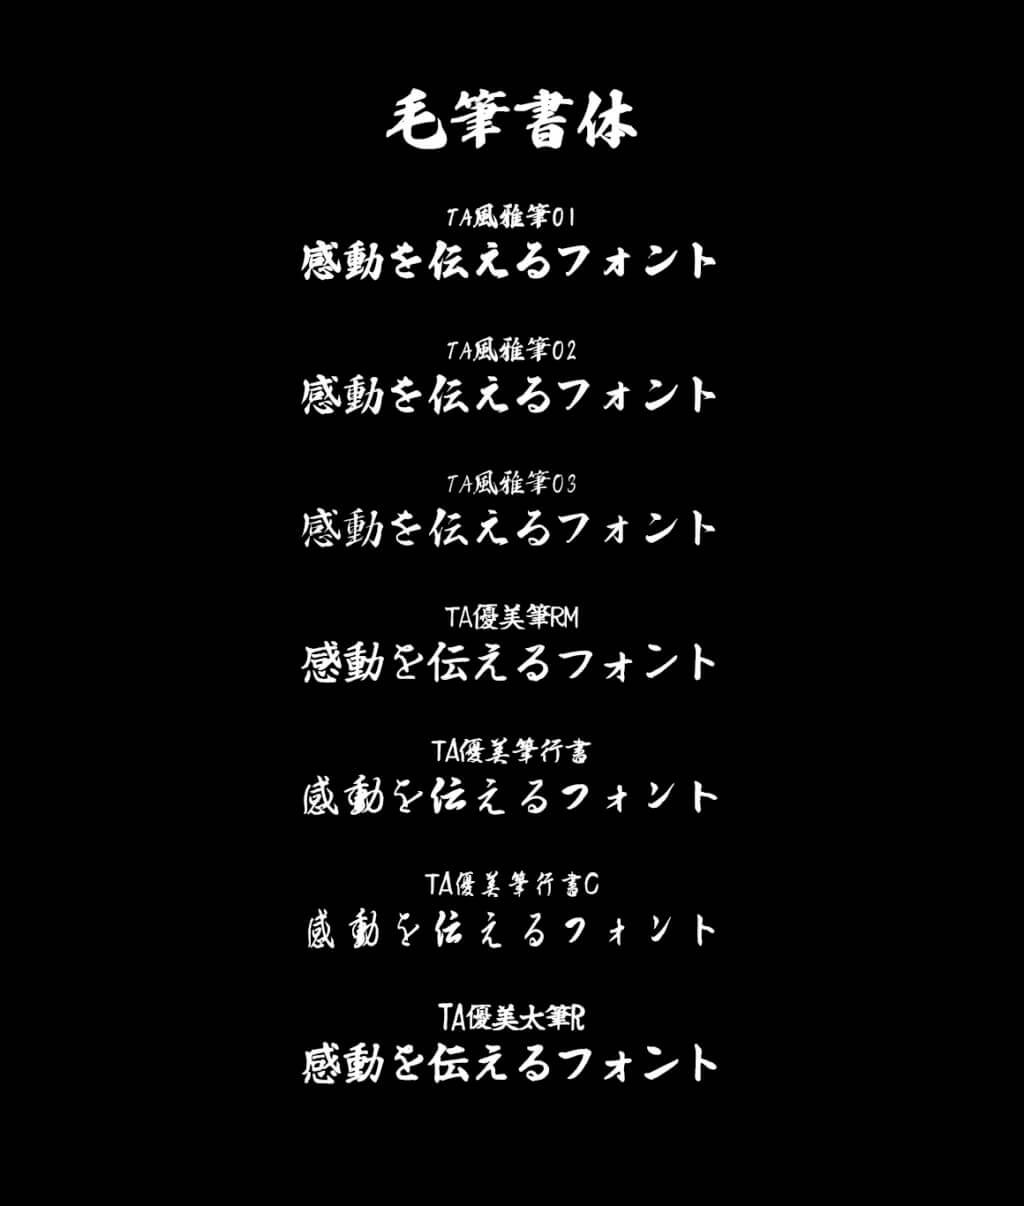 漫画や同人誌で使える日本語フォント集